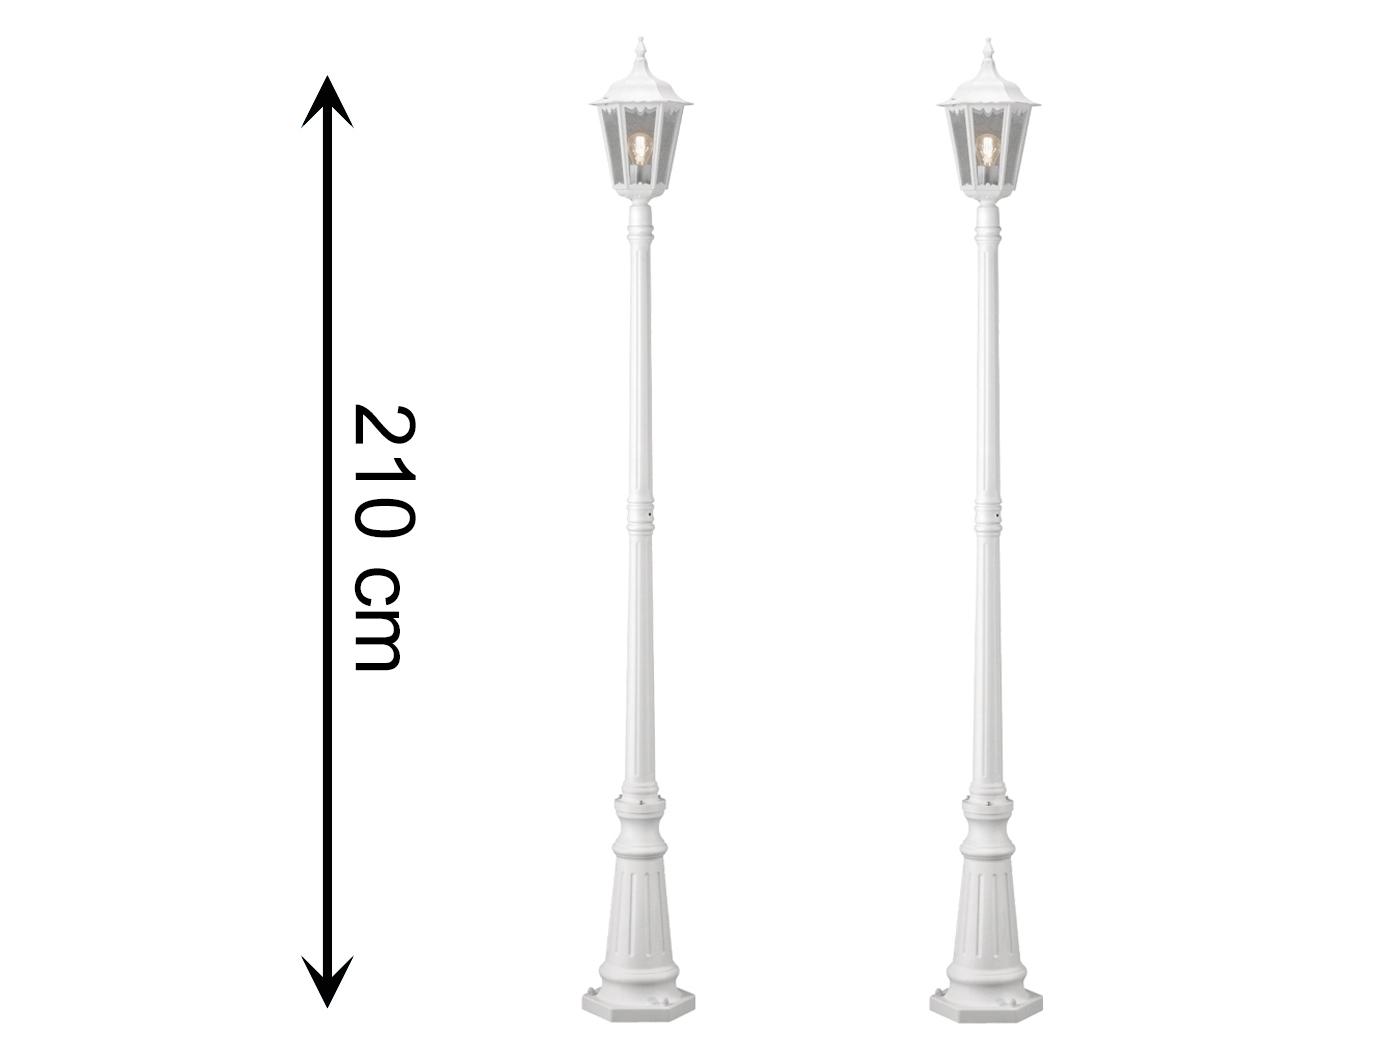 2er-Set Wegeleuchten Standleuchte FIRENZE, E27, E27, E27, Aluminium matt-weiß 830330